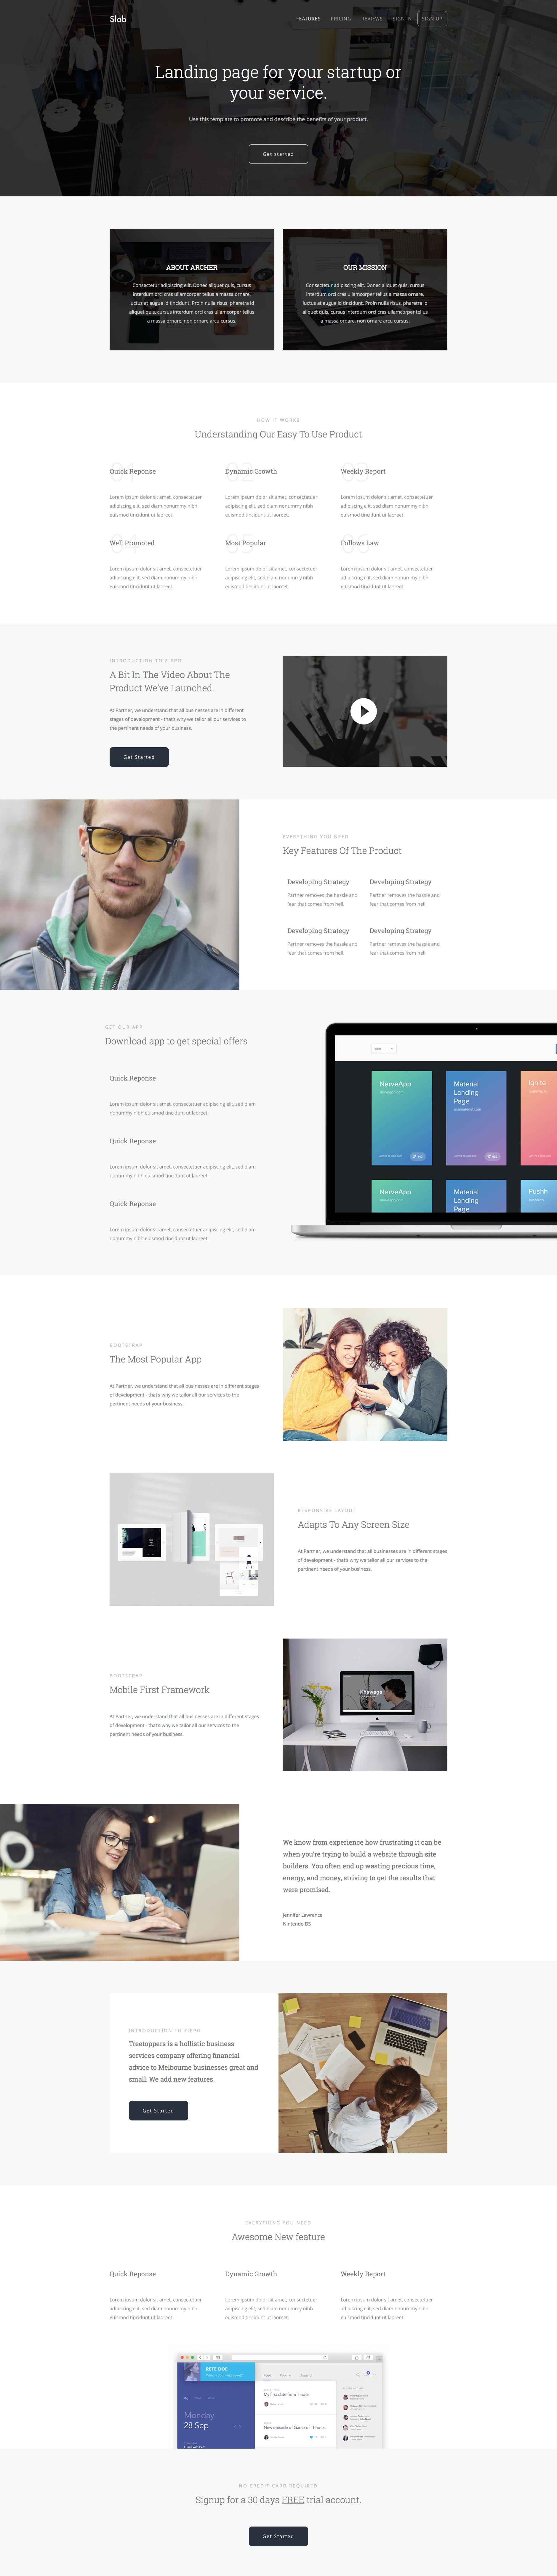 Slab is a minimalist free responsive multipurpose HTML5